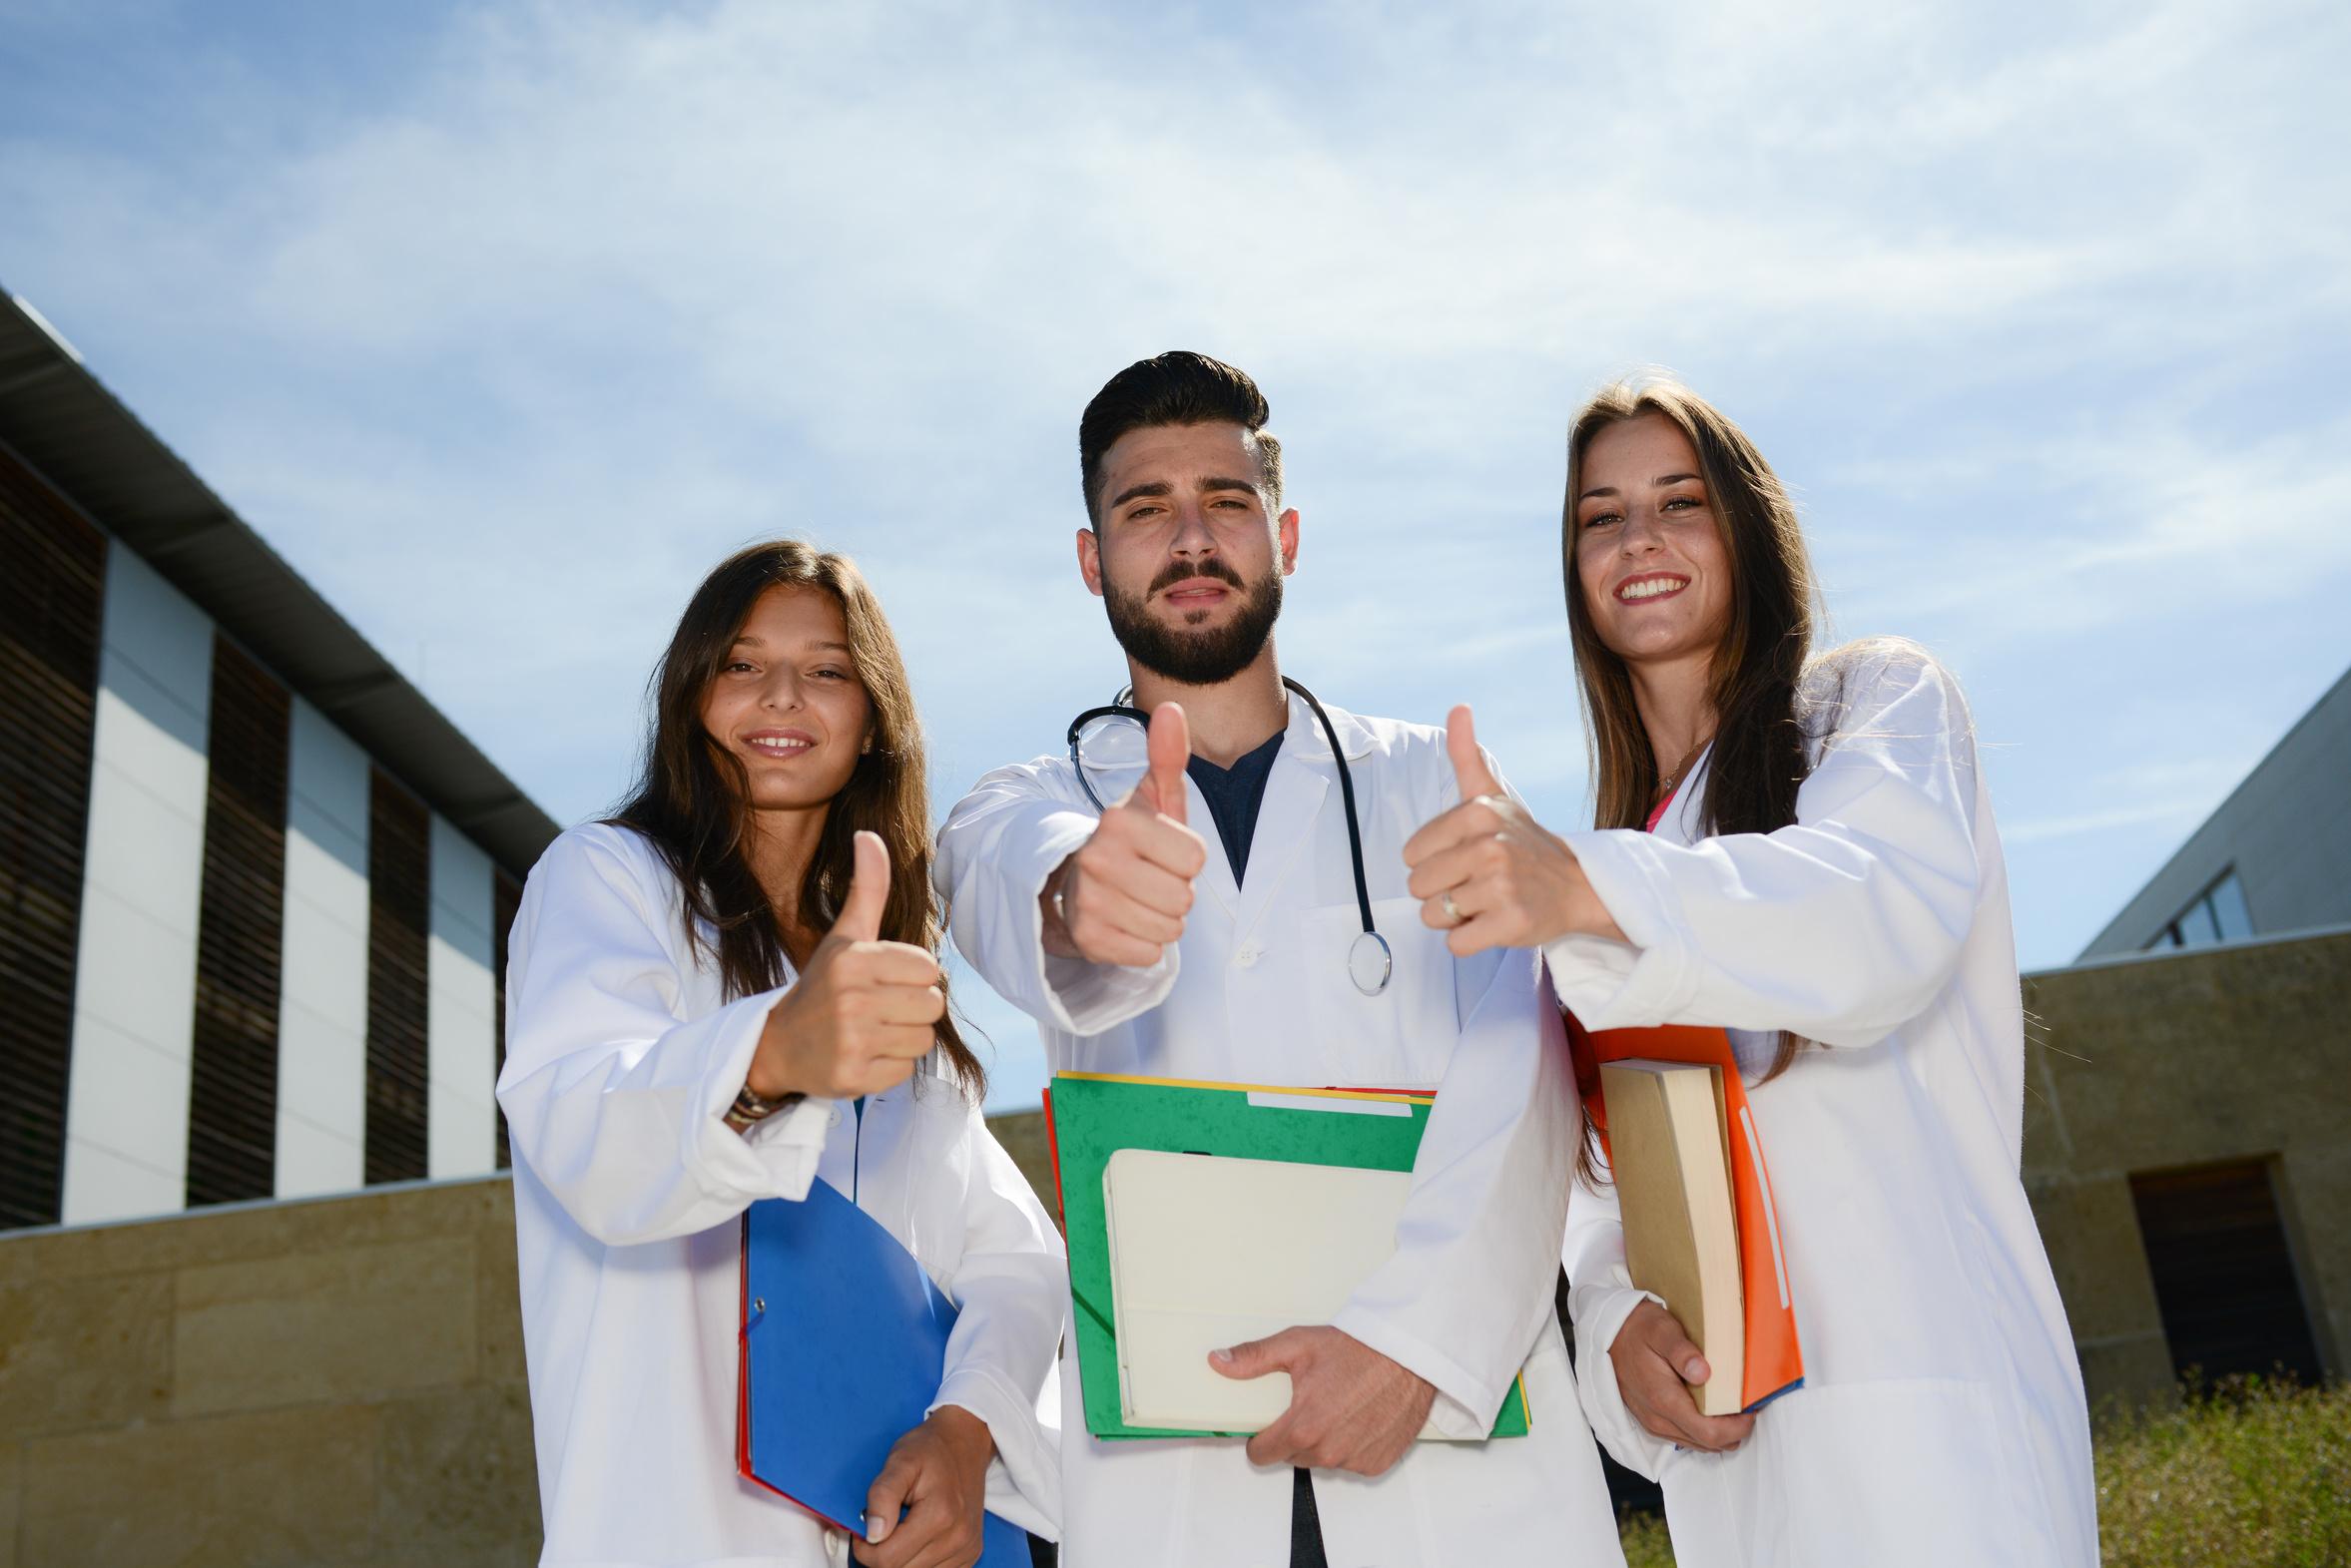 internes en médecine